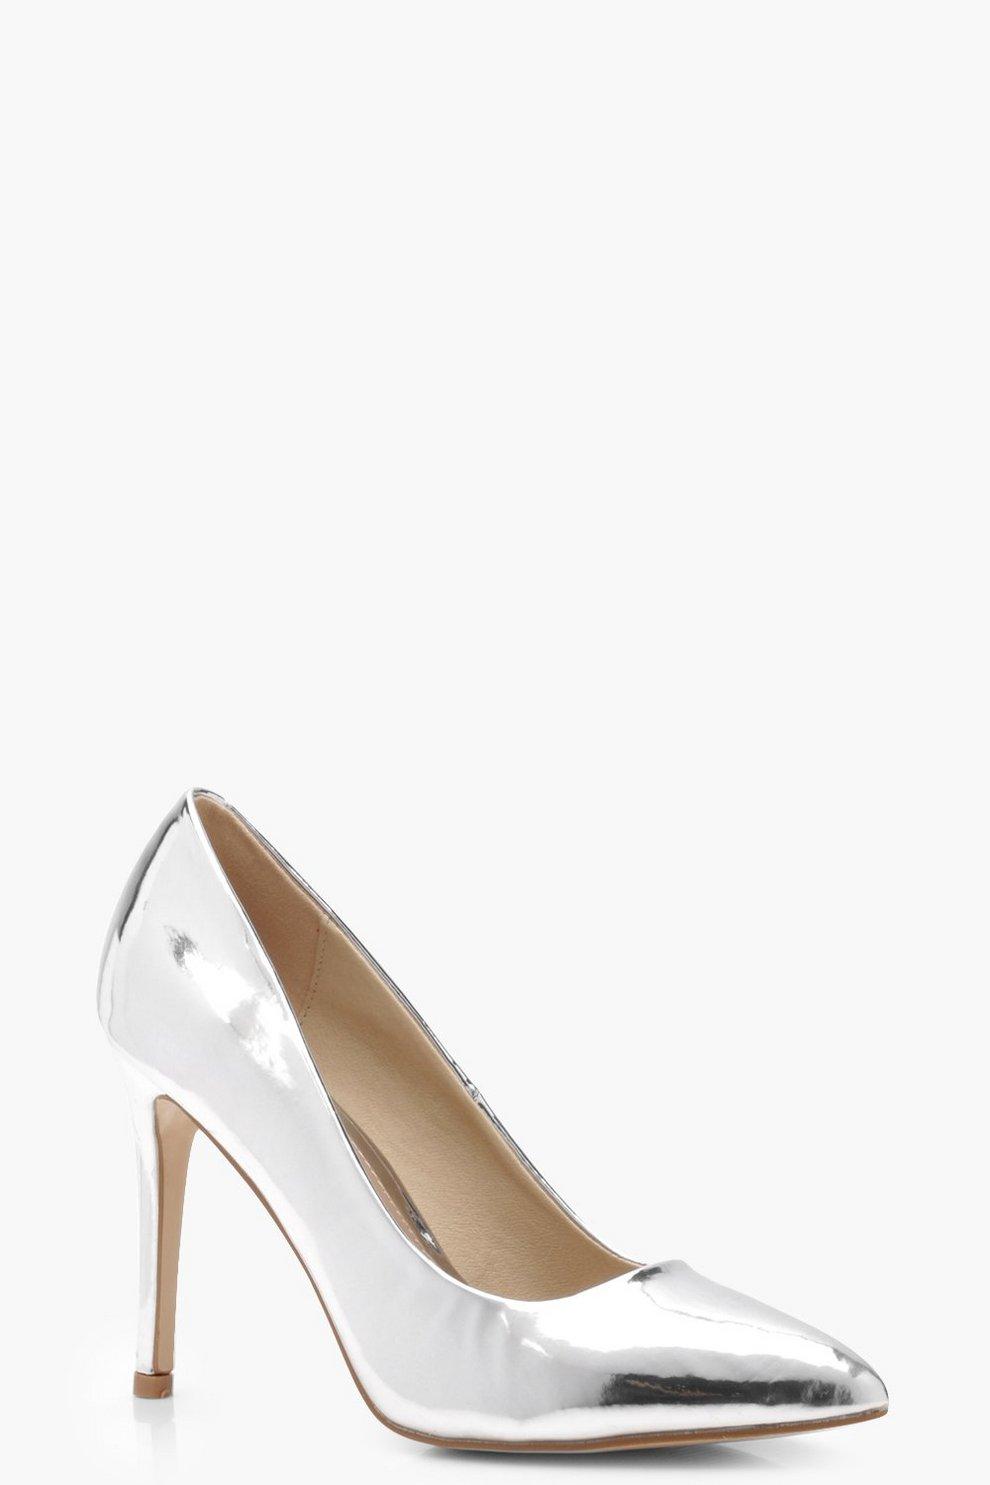 Zapatos grises de verano Boohoo para mujer WVrnz1